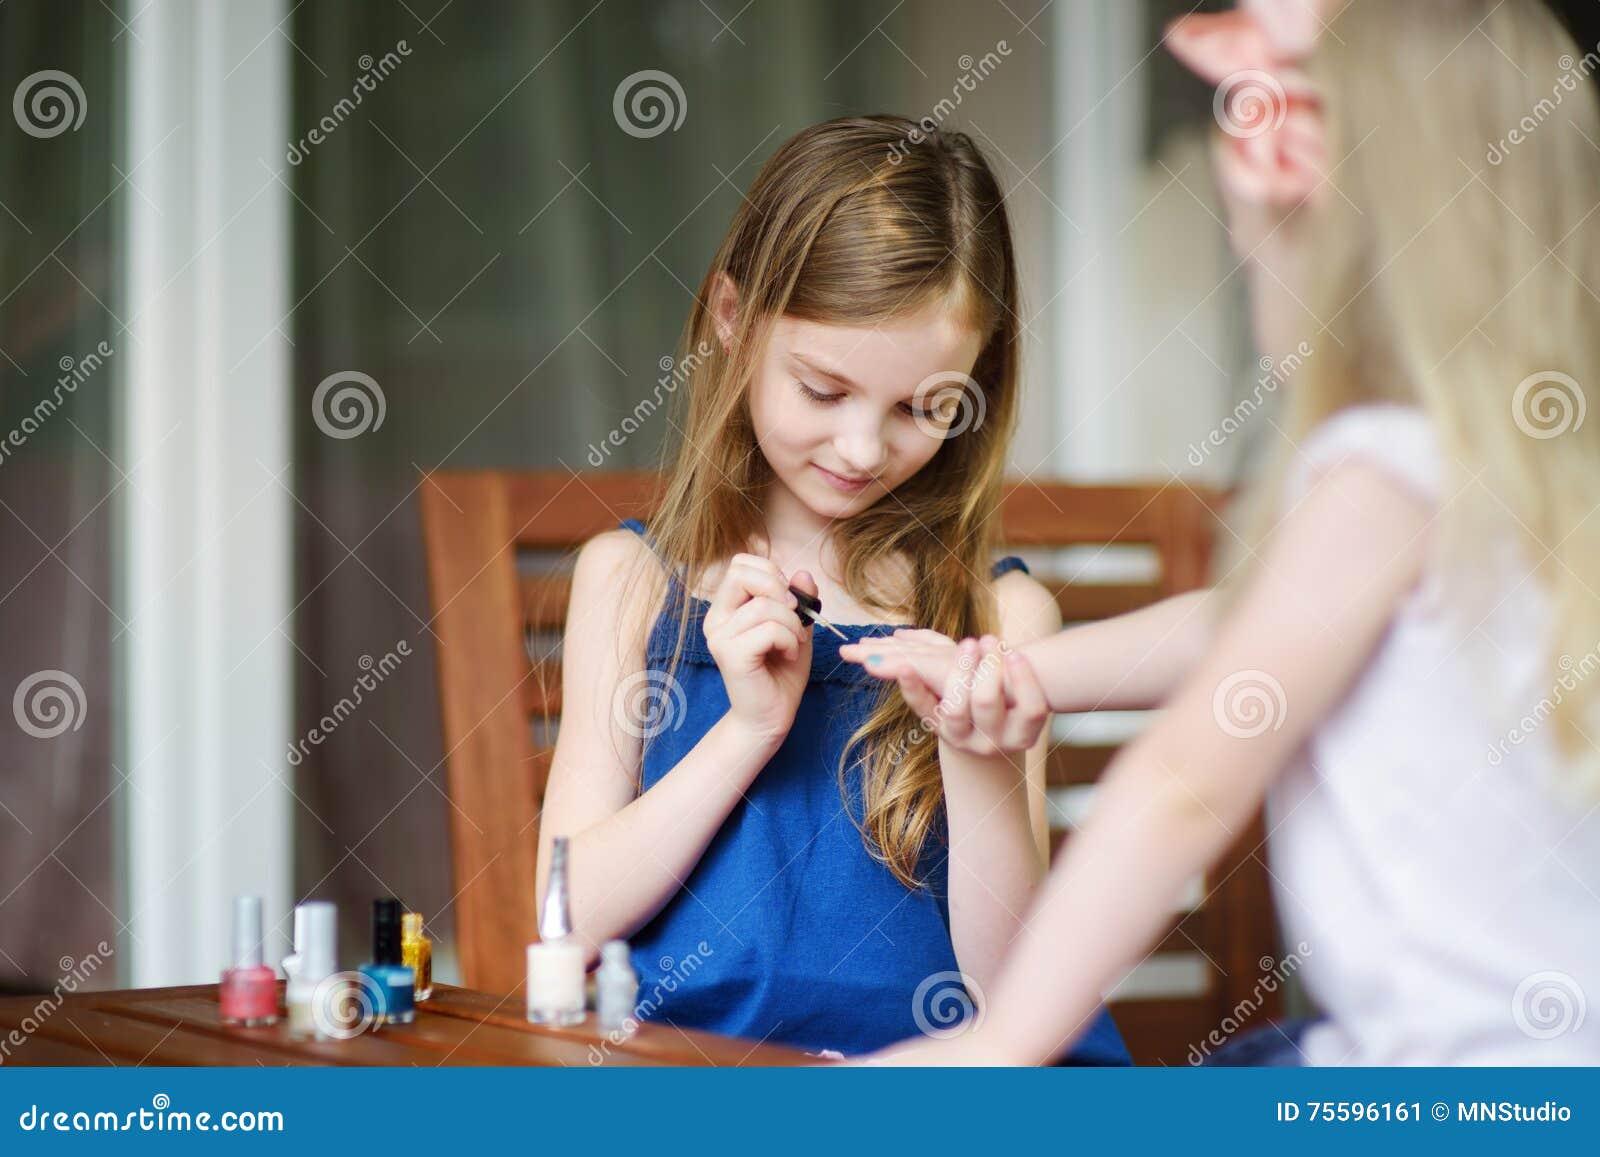 young polish girls fucking